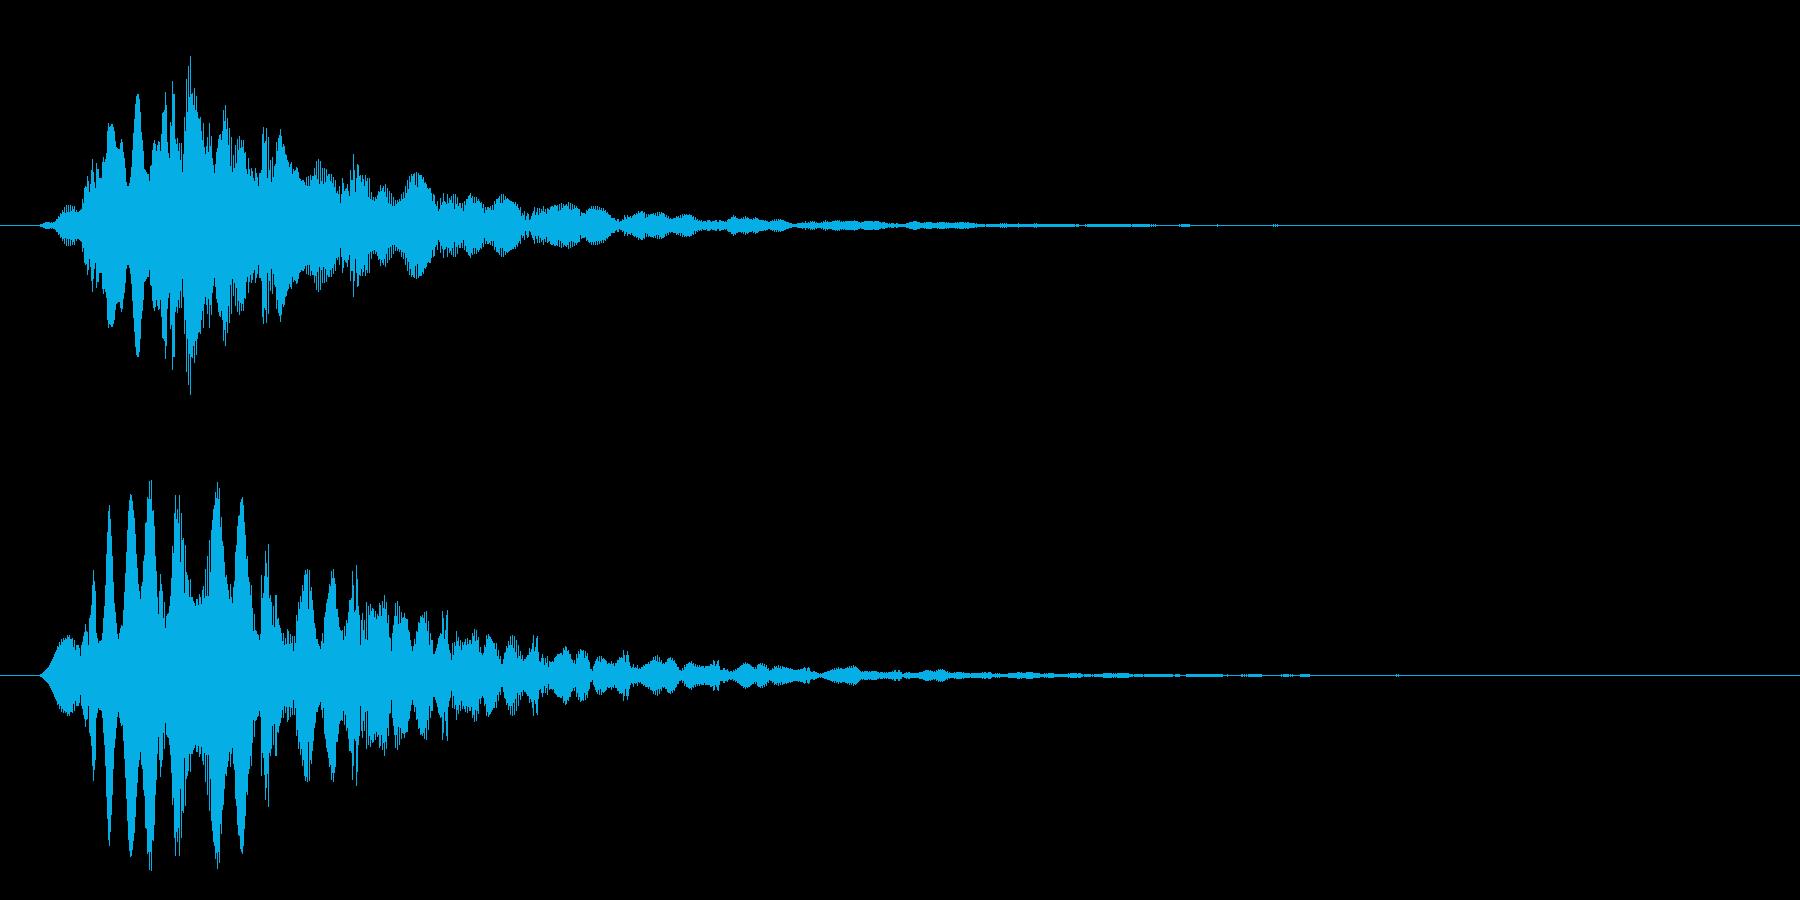 フィヨンー(響き有)の再生済みの波形